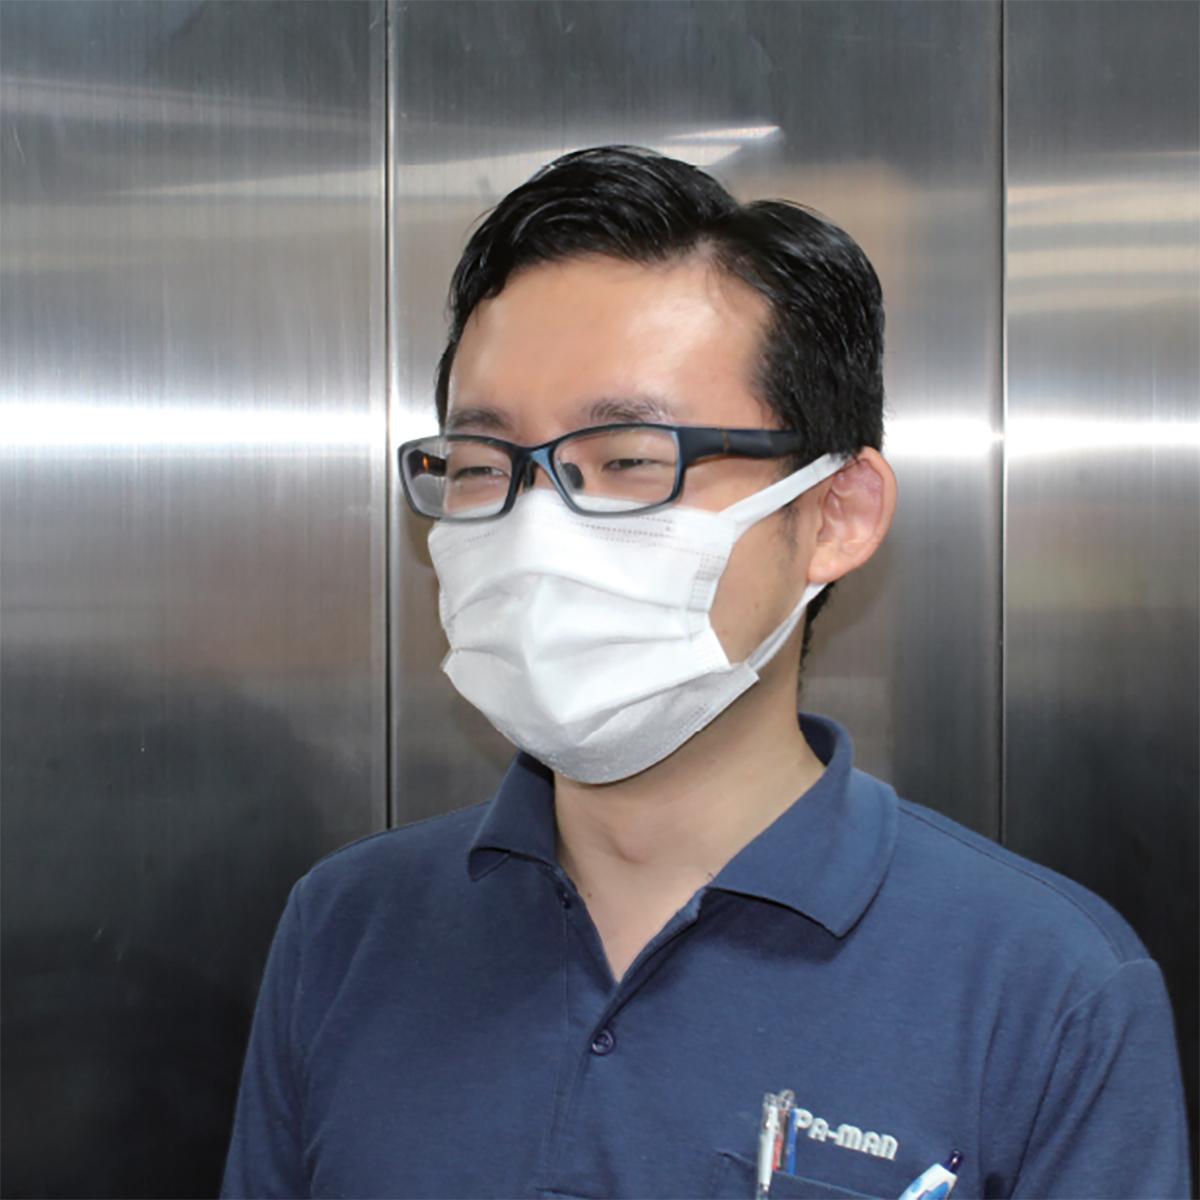 3層フェイスマスク 50枚入